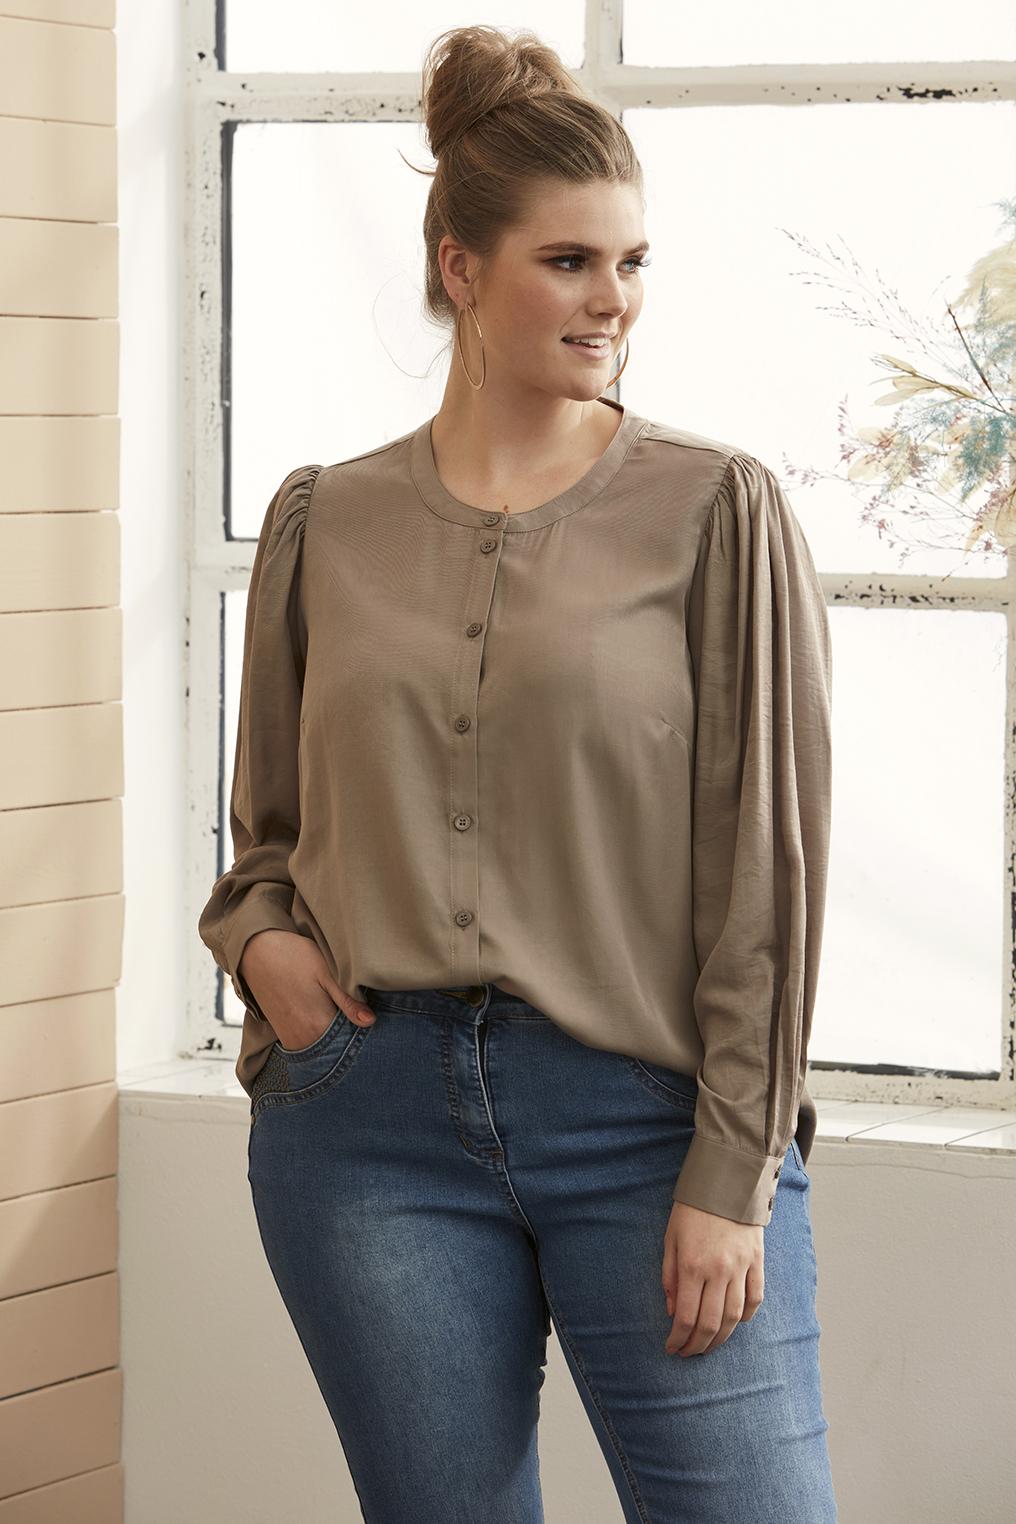 Zhenzi blouse HAZEL plooi mouw